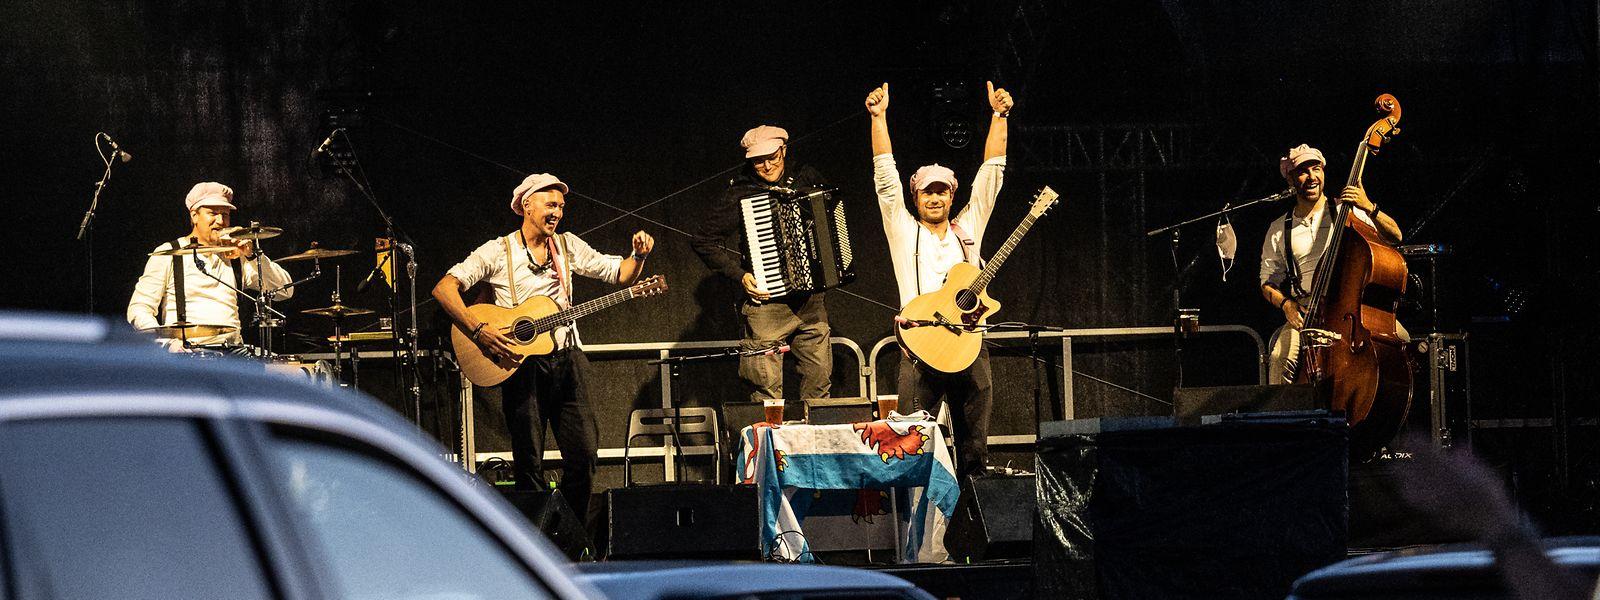 Am Freitag spielten die Dëppegéisser in der Péitenger Carena - im Anschluss gab es ein Hupkonzert.